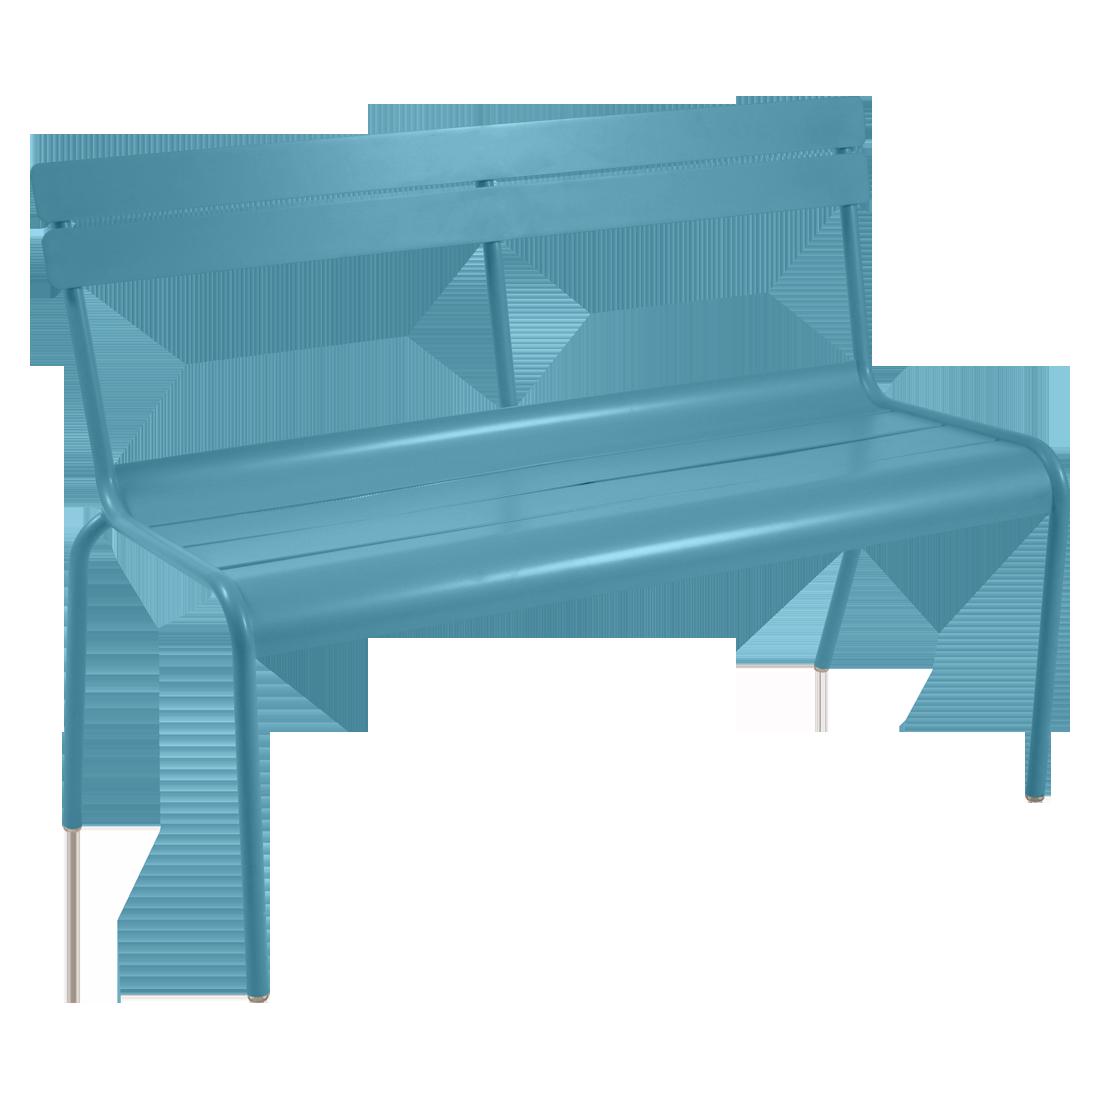 banc avec dossier luxembourg de fermob bleu turquoise. Black Bedroom Furniture Sets. Home Design Ideas